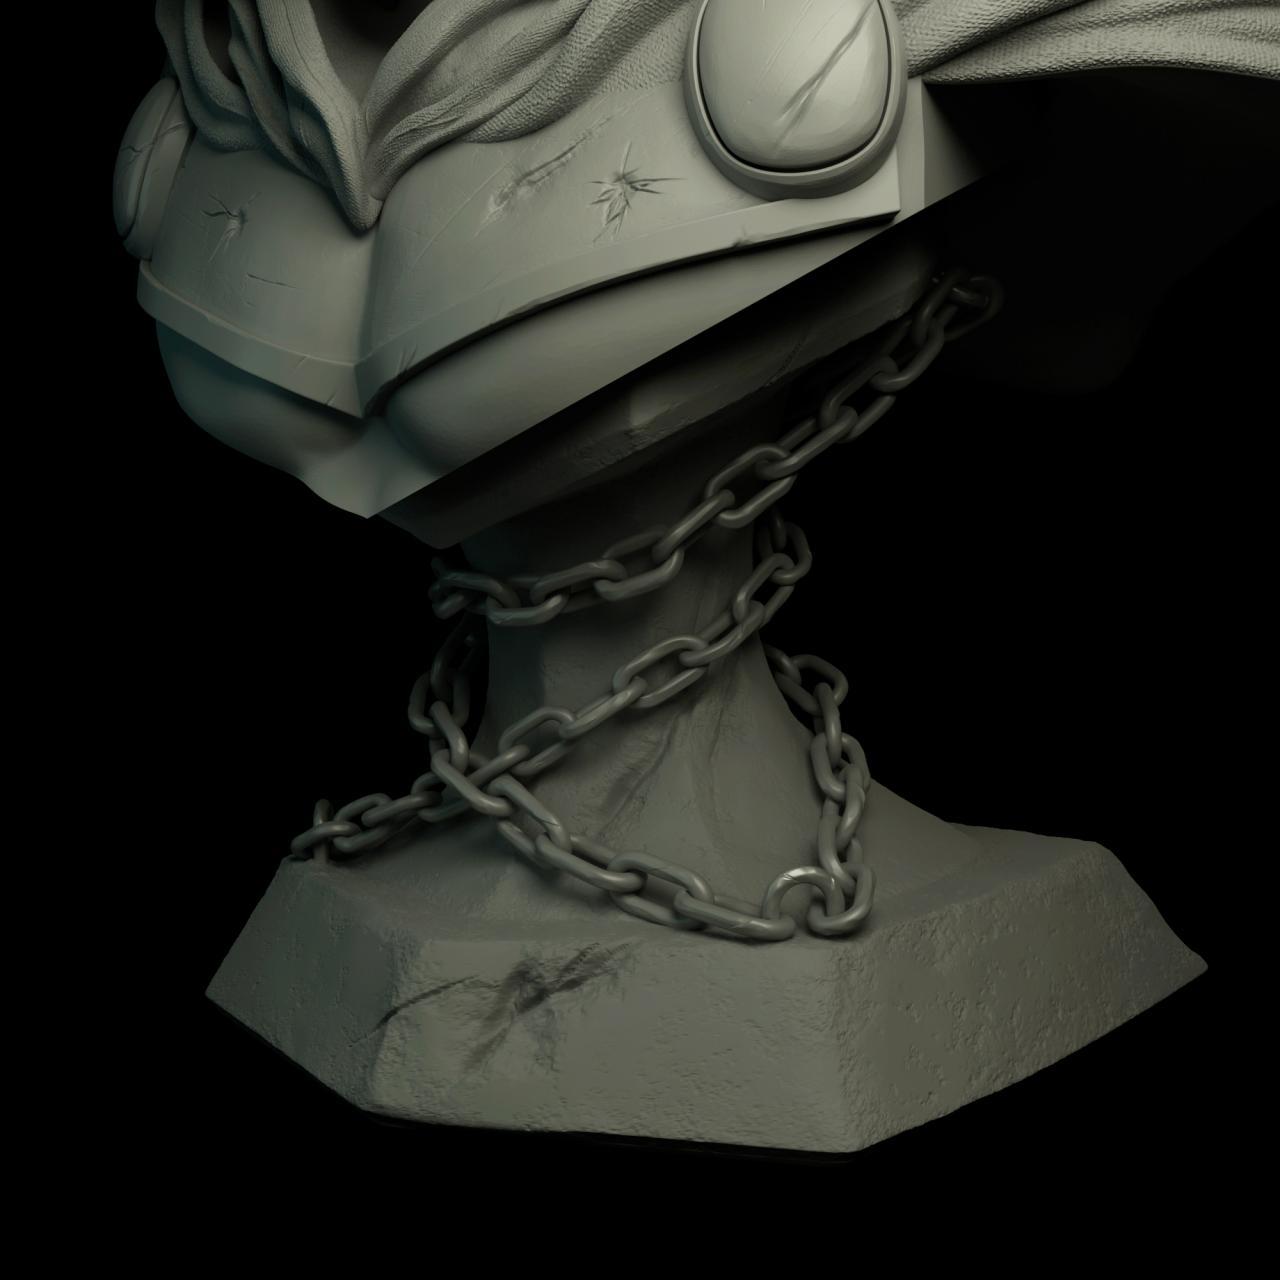 工头的雕像|惊奇Fanart